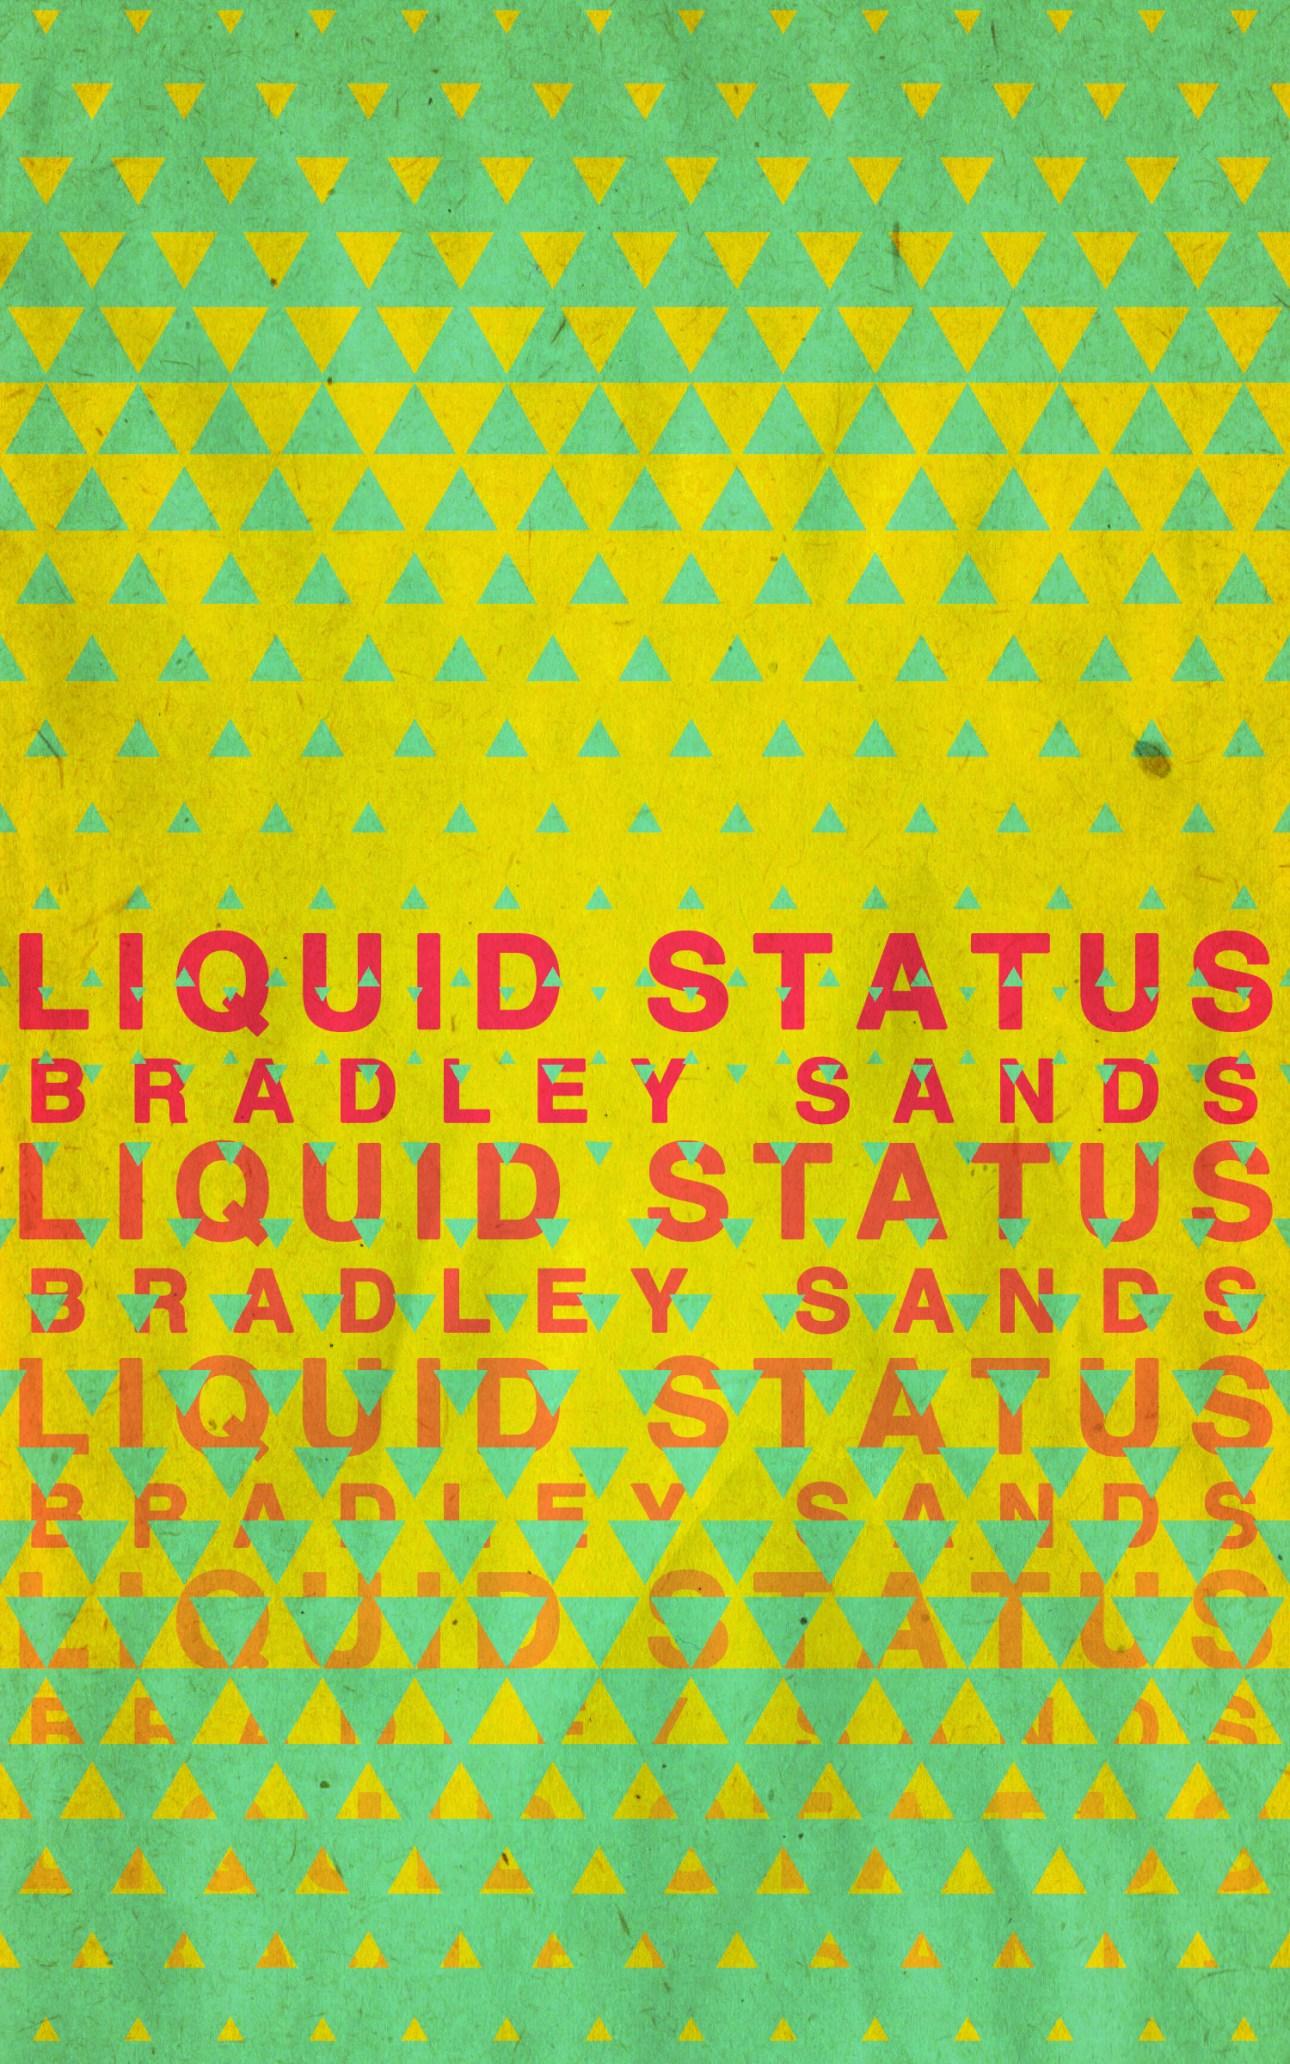 liquid-status-300dpi